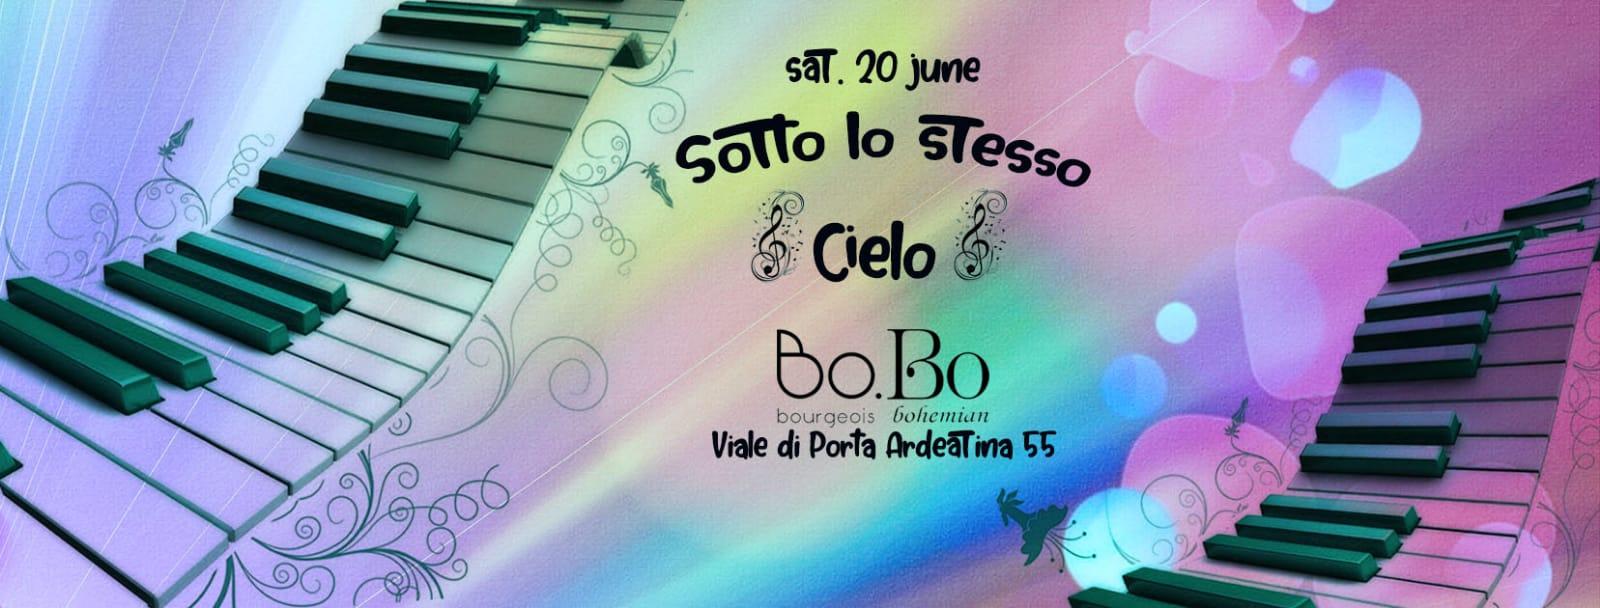 Aperitivo e Cena Villa Osio Sabato 20 Giugno #SOTTOLOSTESSOCIELO